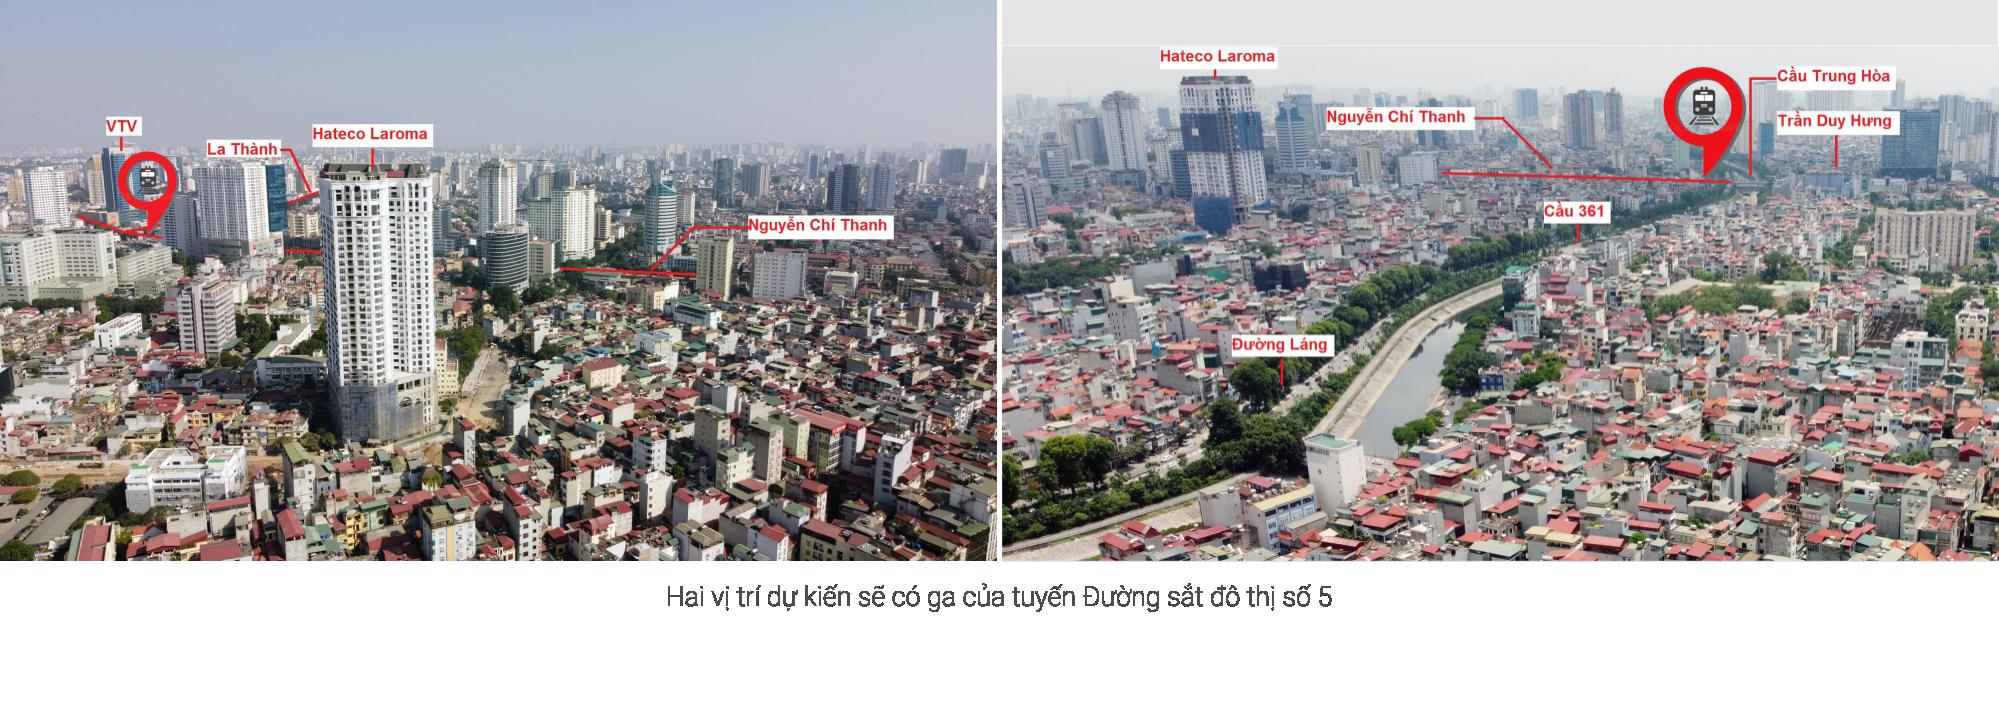 Review dự án Hateco Laroma đang mở bán: Mặt tiền đường 30 m đang mở ở nội đô Hà Nội - Ảnh 14.